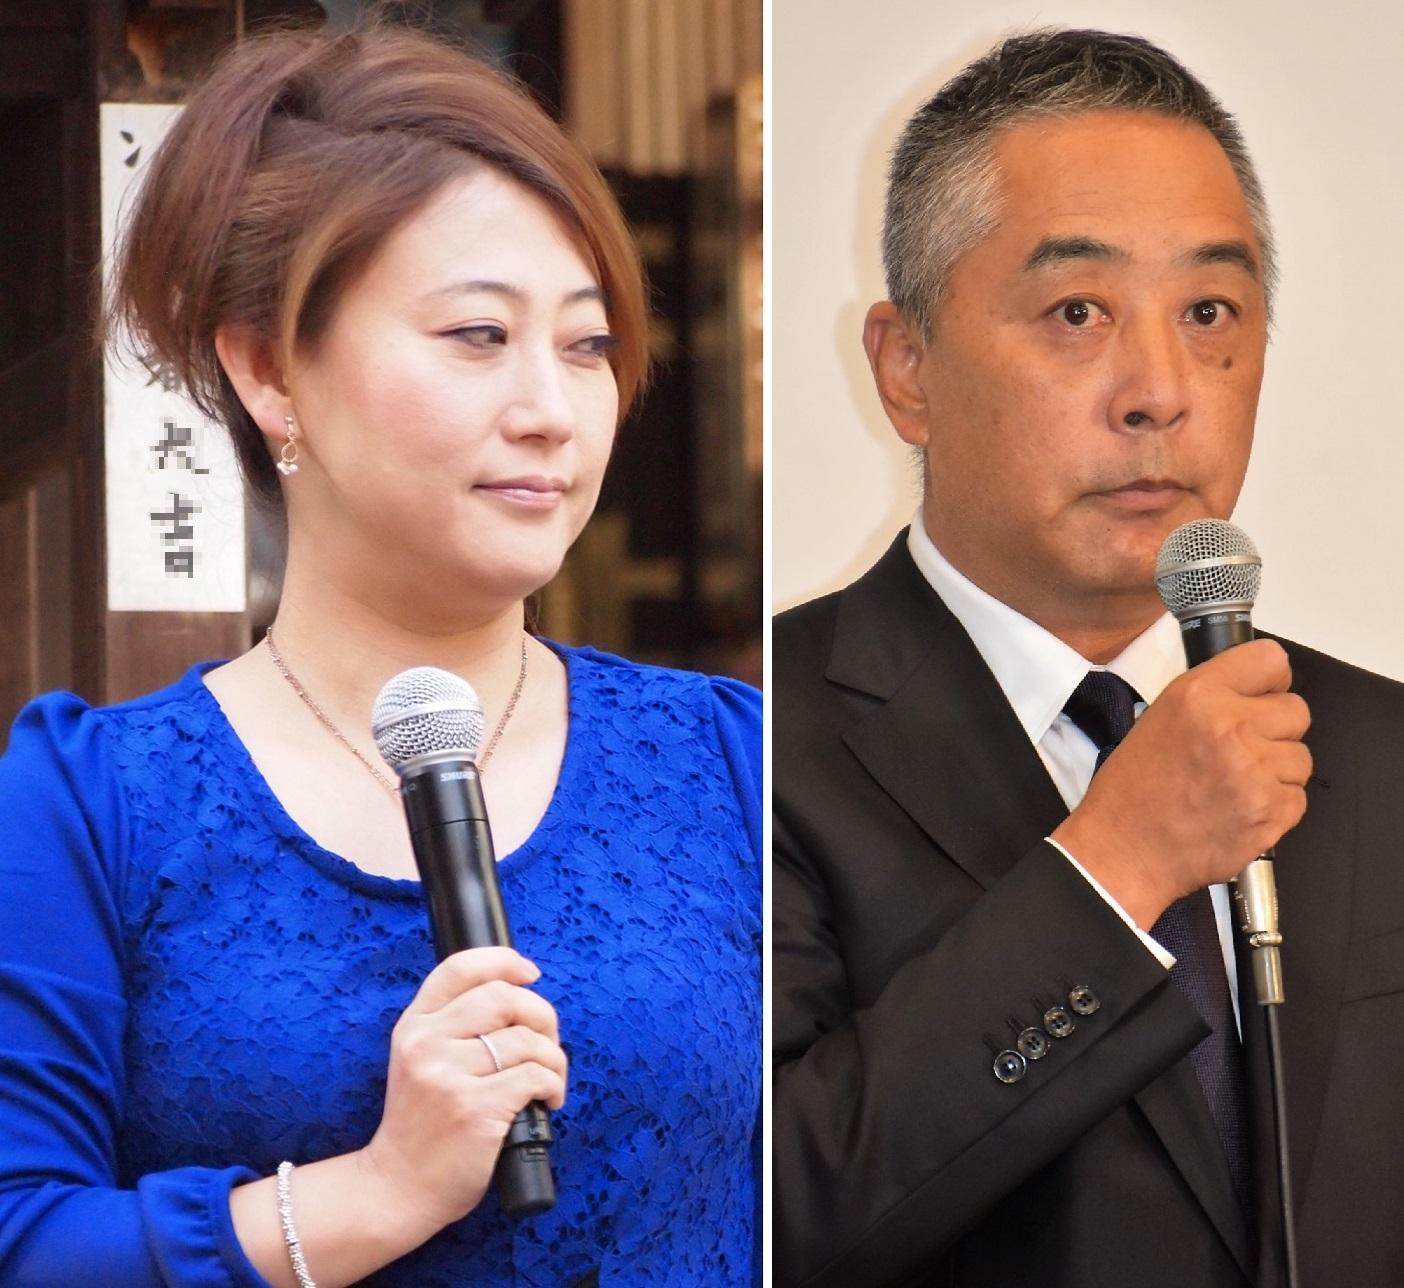 友近、吉本・岡本社長の発言に黙っていられず